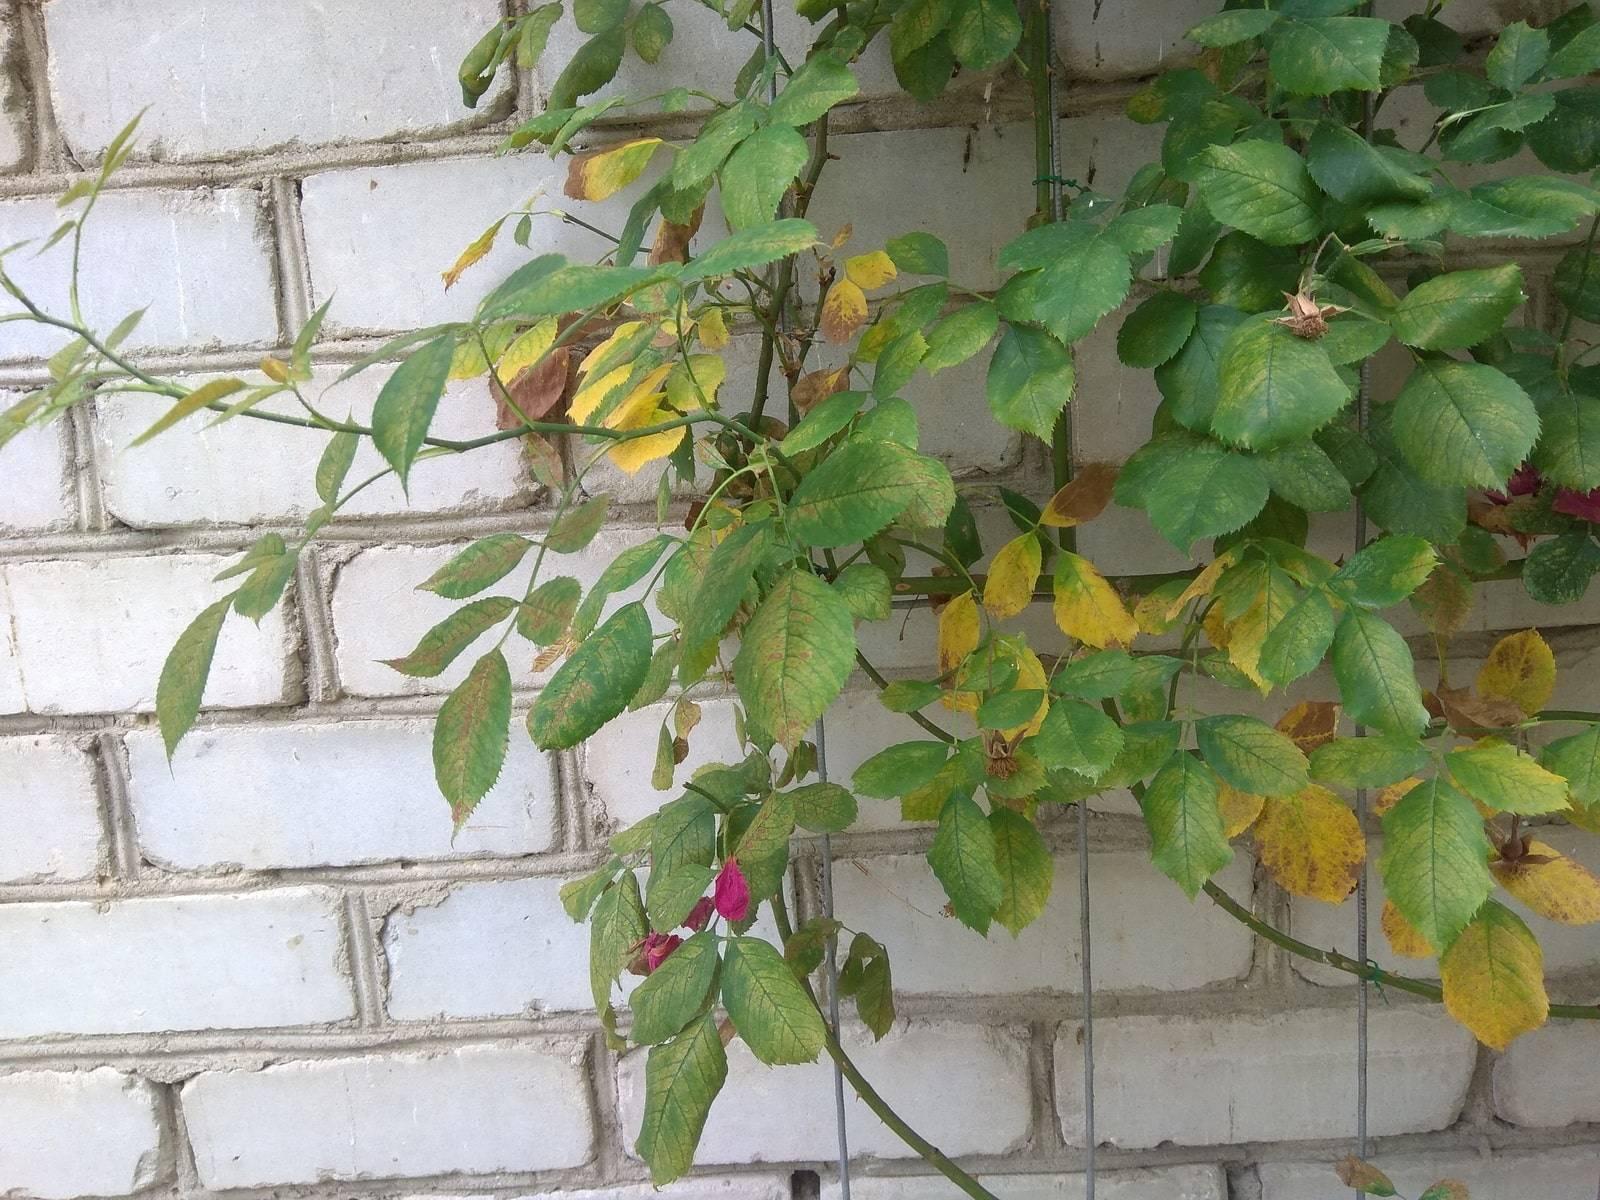 Клещ на розах: как избавиться от вредителя быстро и эффективно